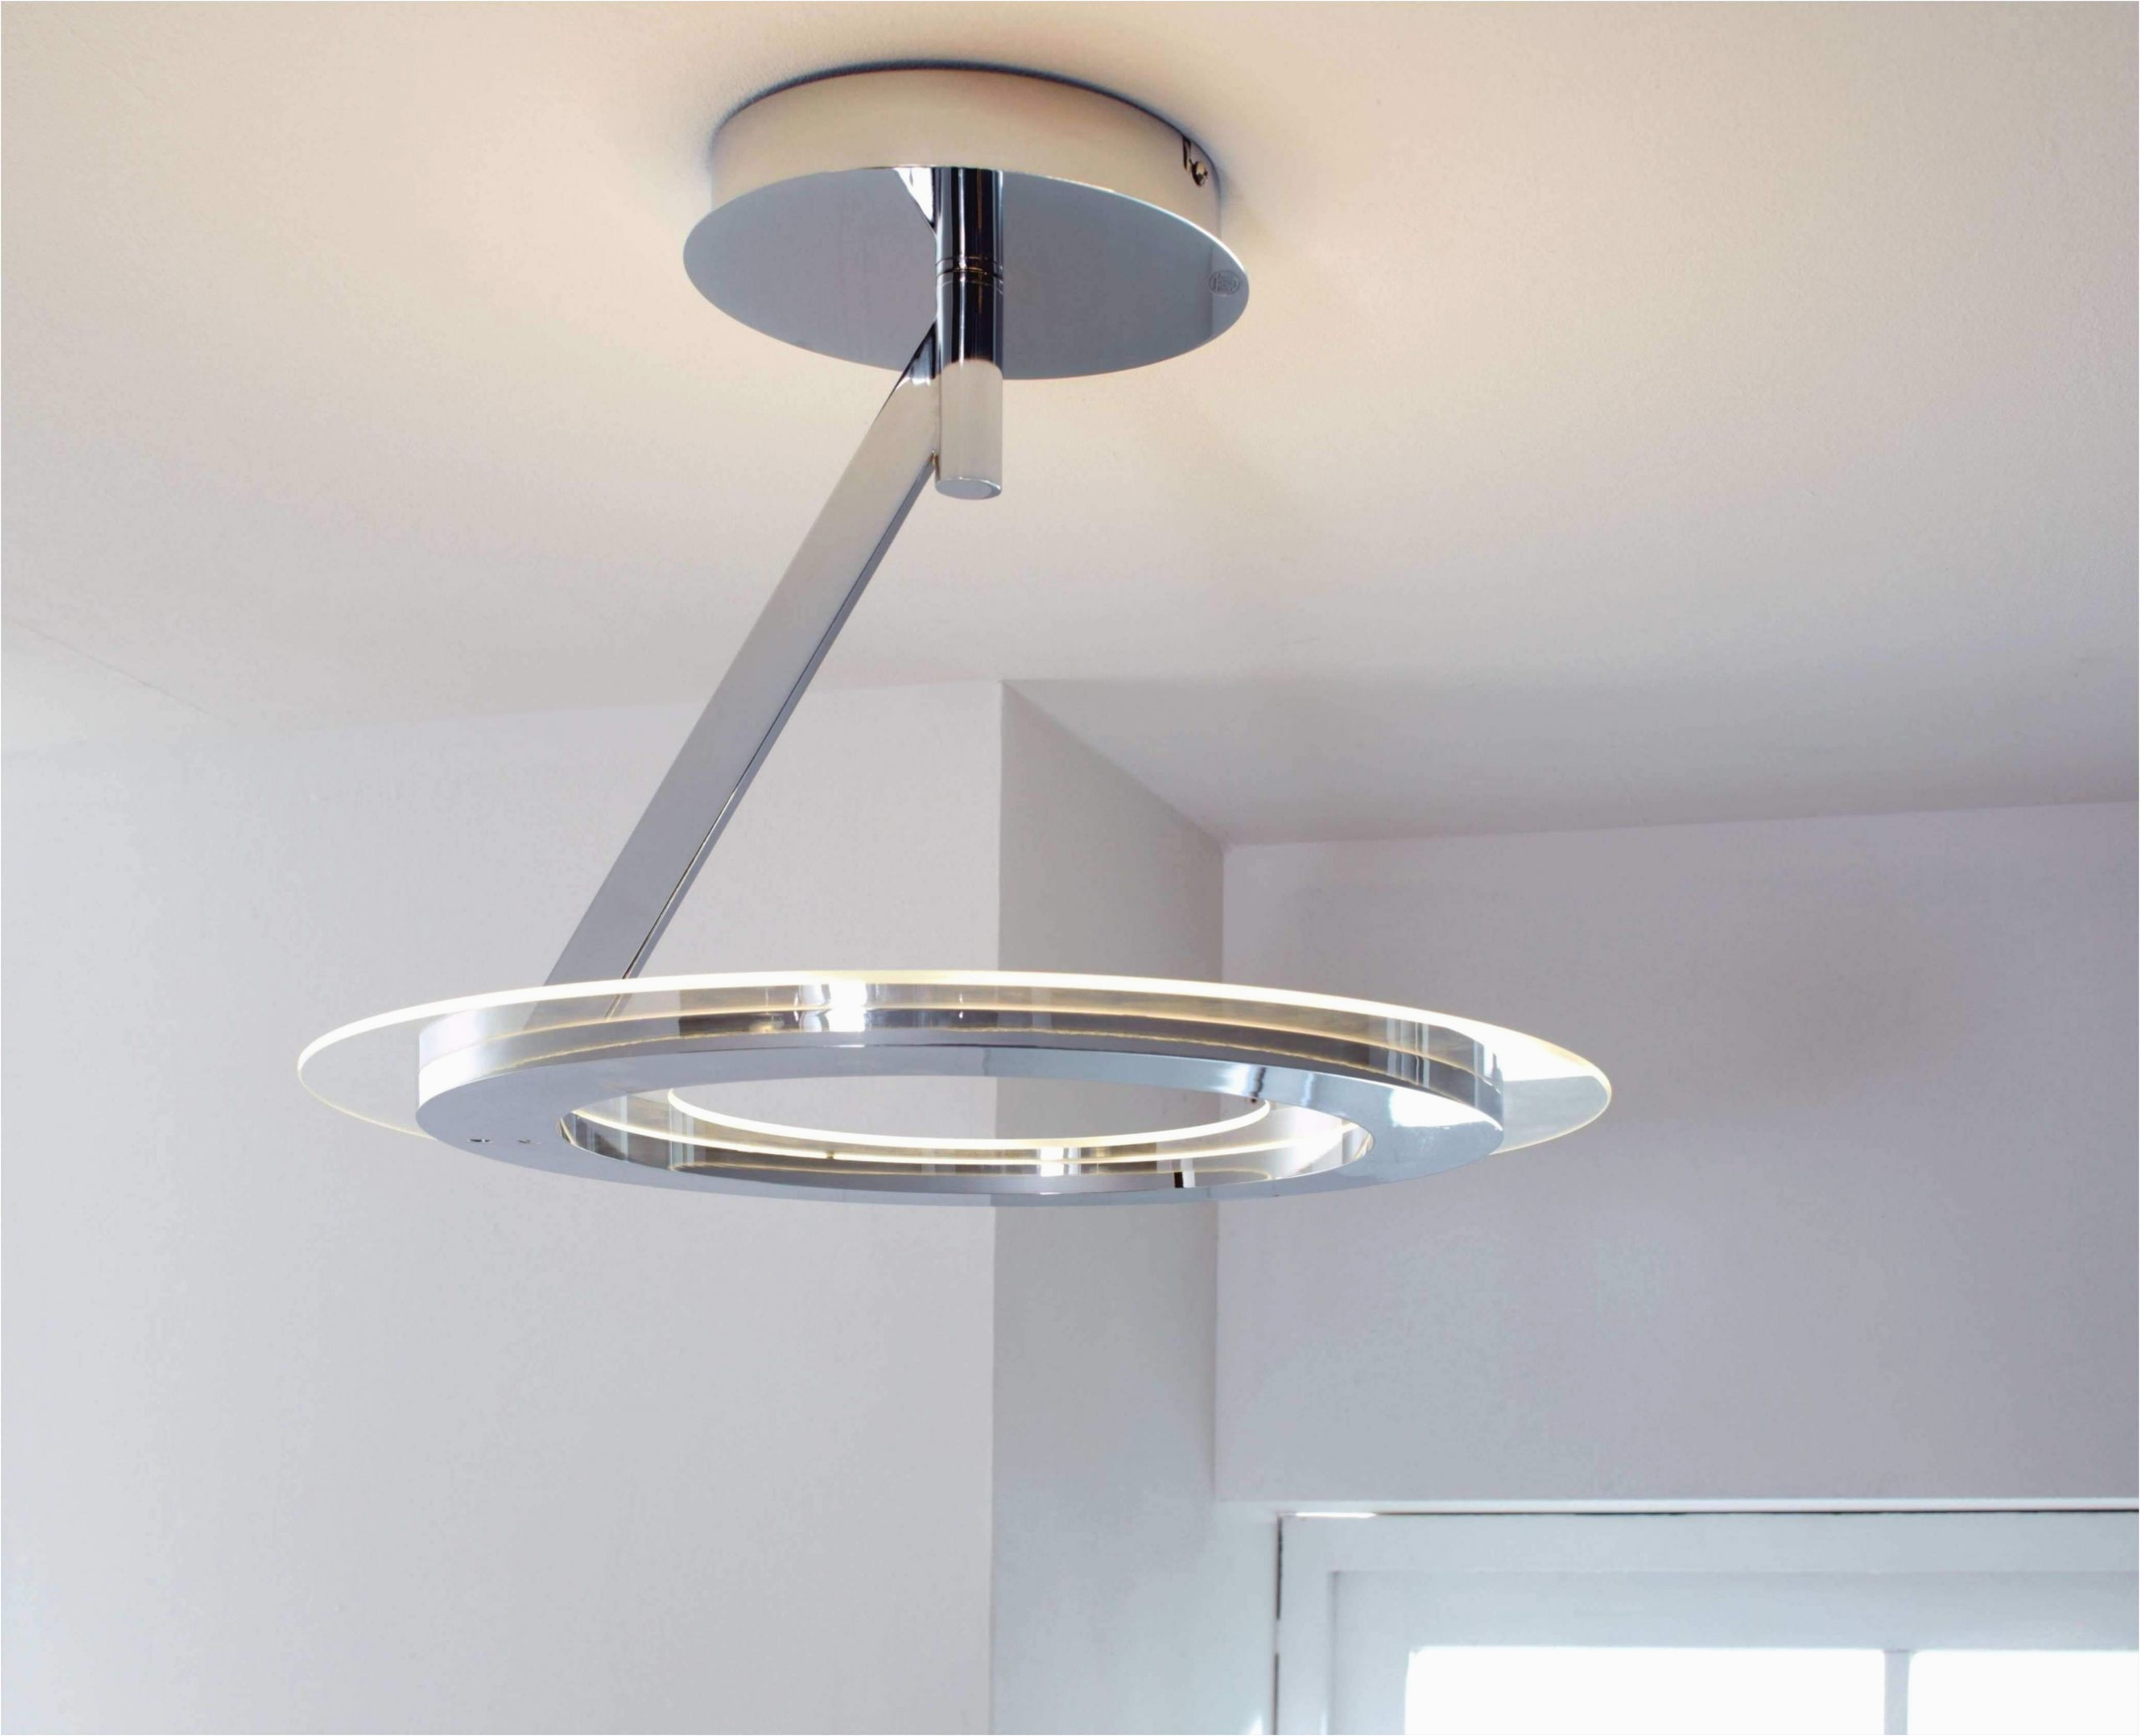 wohnzimmer lampen genial led deckenleuchte schlafzimmer luxus modern wand of wohnzimmer lampen scaled